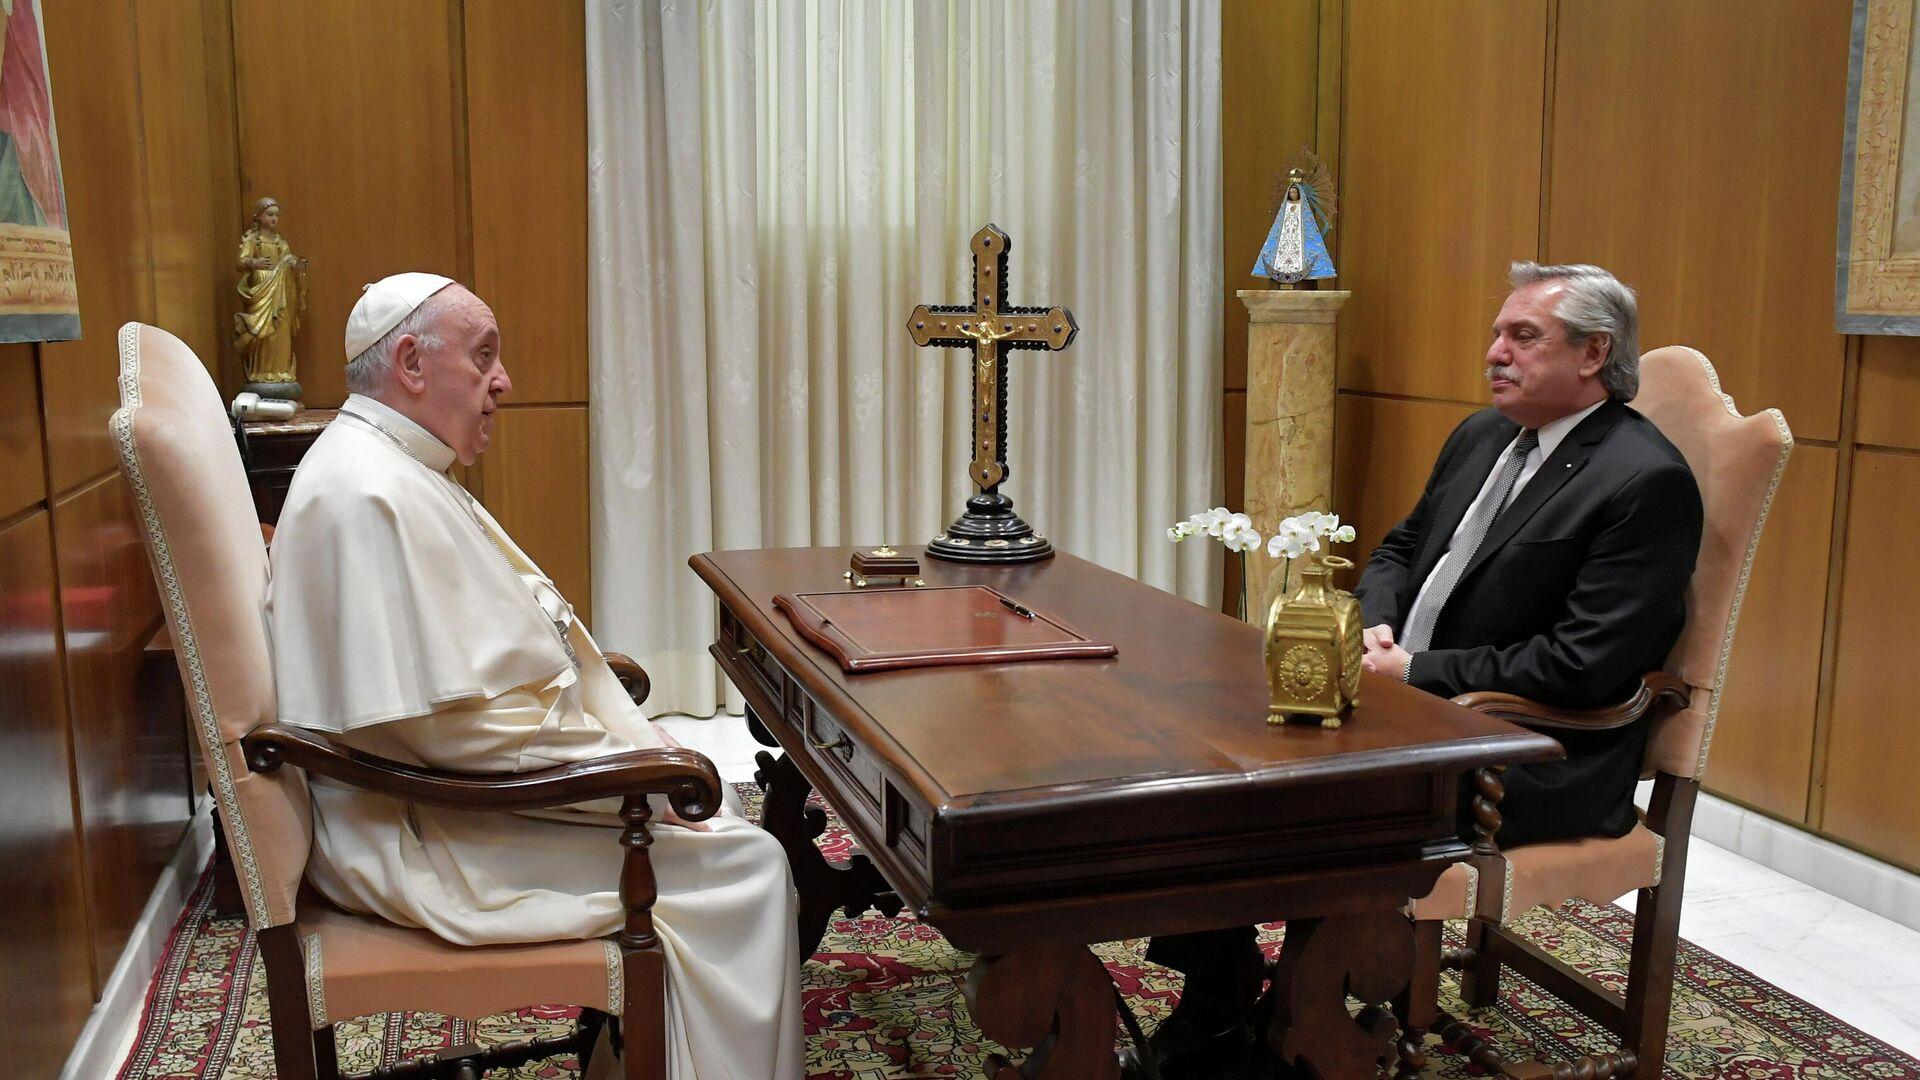 El papa Francisco y el presidente de Argentina, Alberto Fernández - Sputnik Mundo, 1920, 13.05.2021